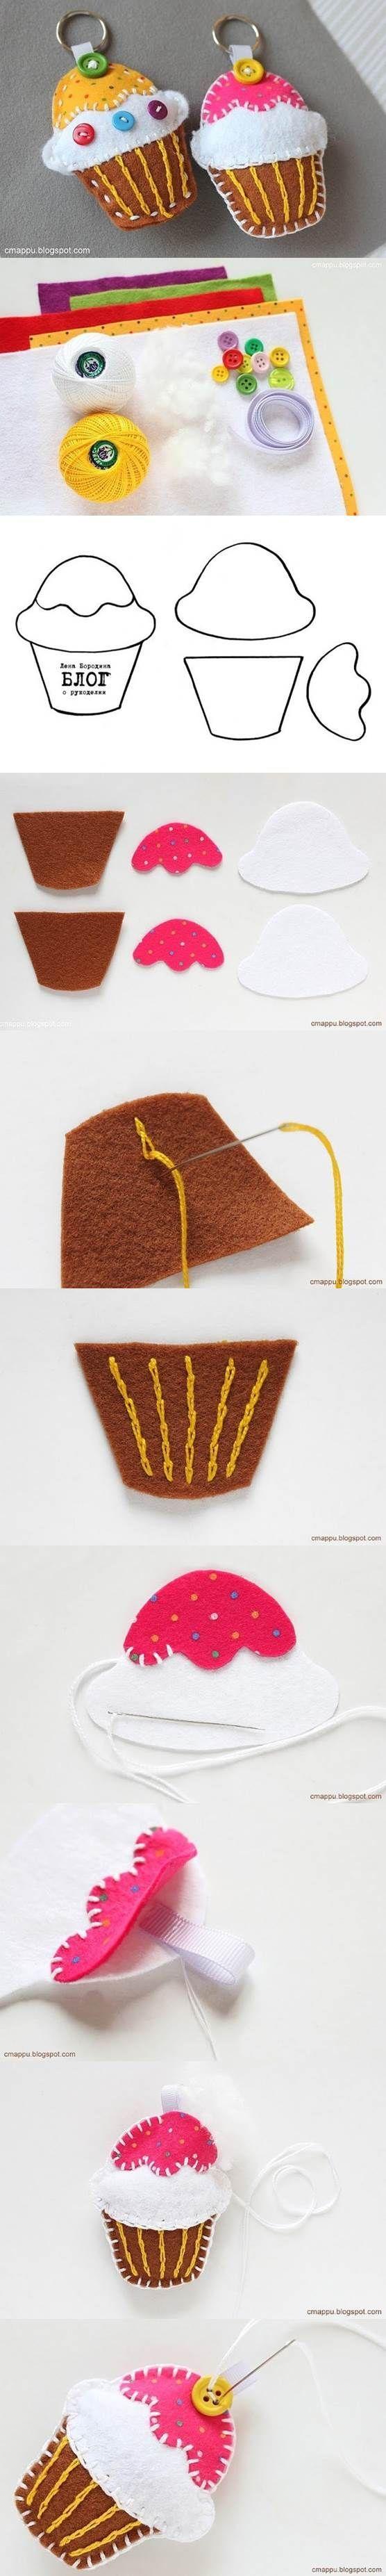 DIY Felt Cupcake Keychain